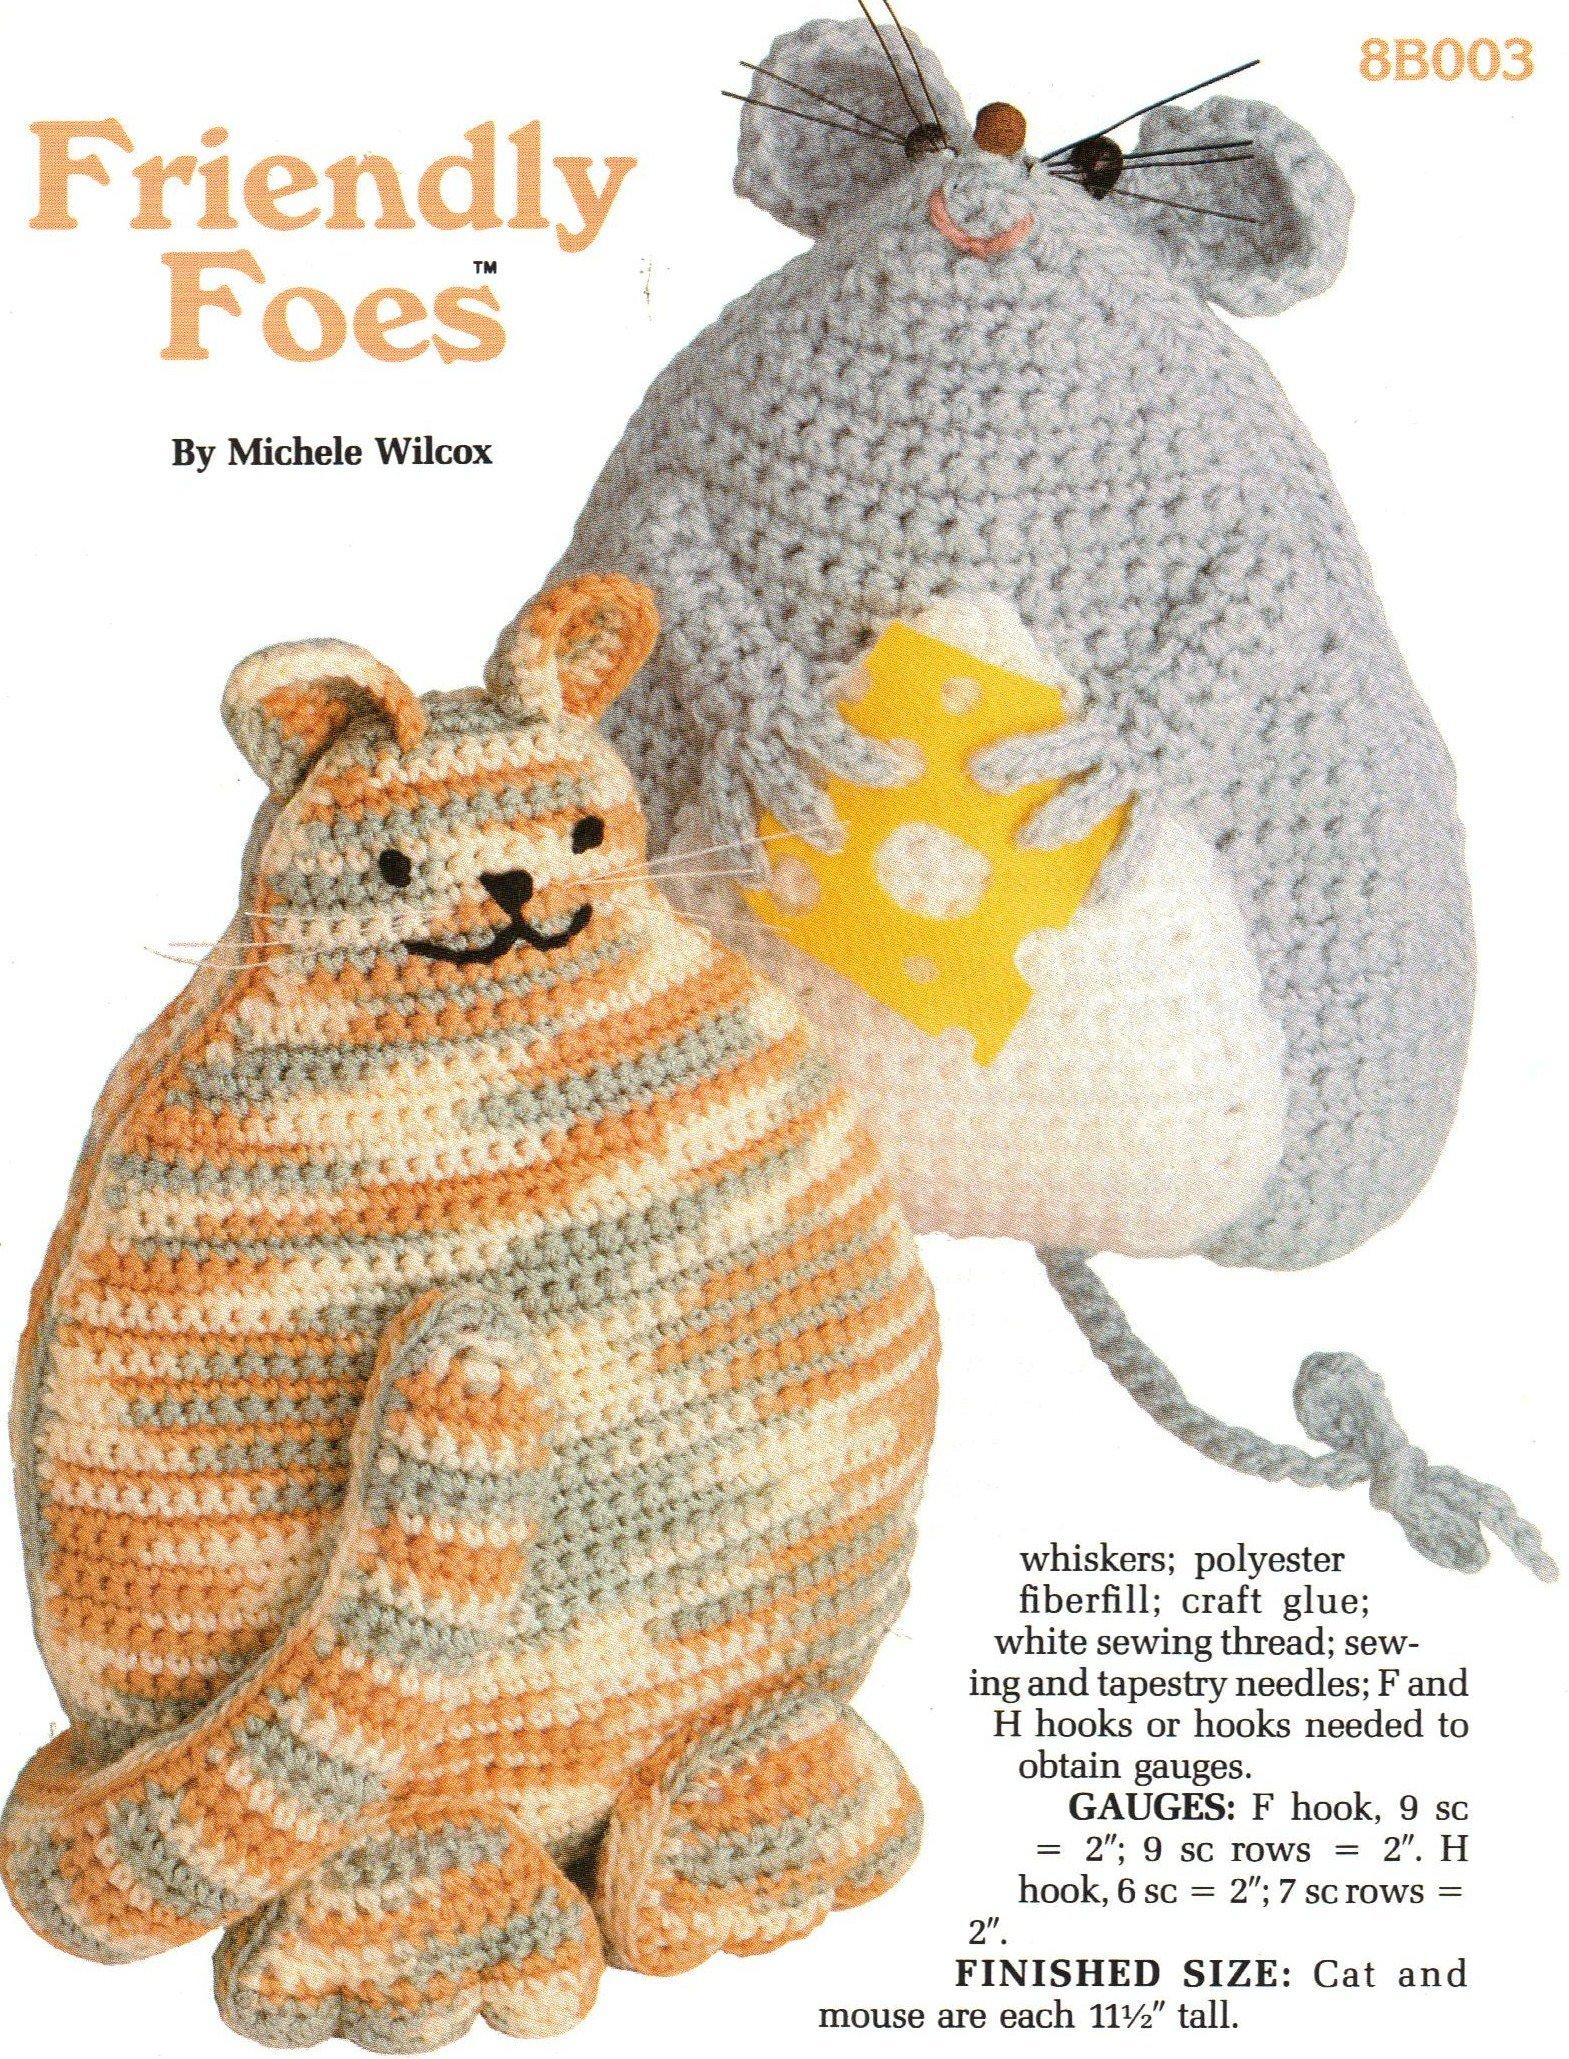 How to crochet cat pillow pattern #crochet #catpillow #cats ... | 2059x1569